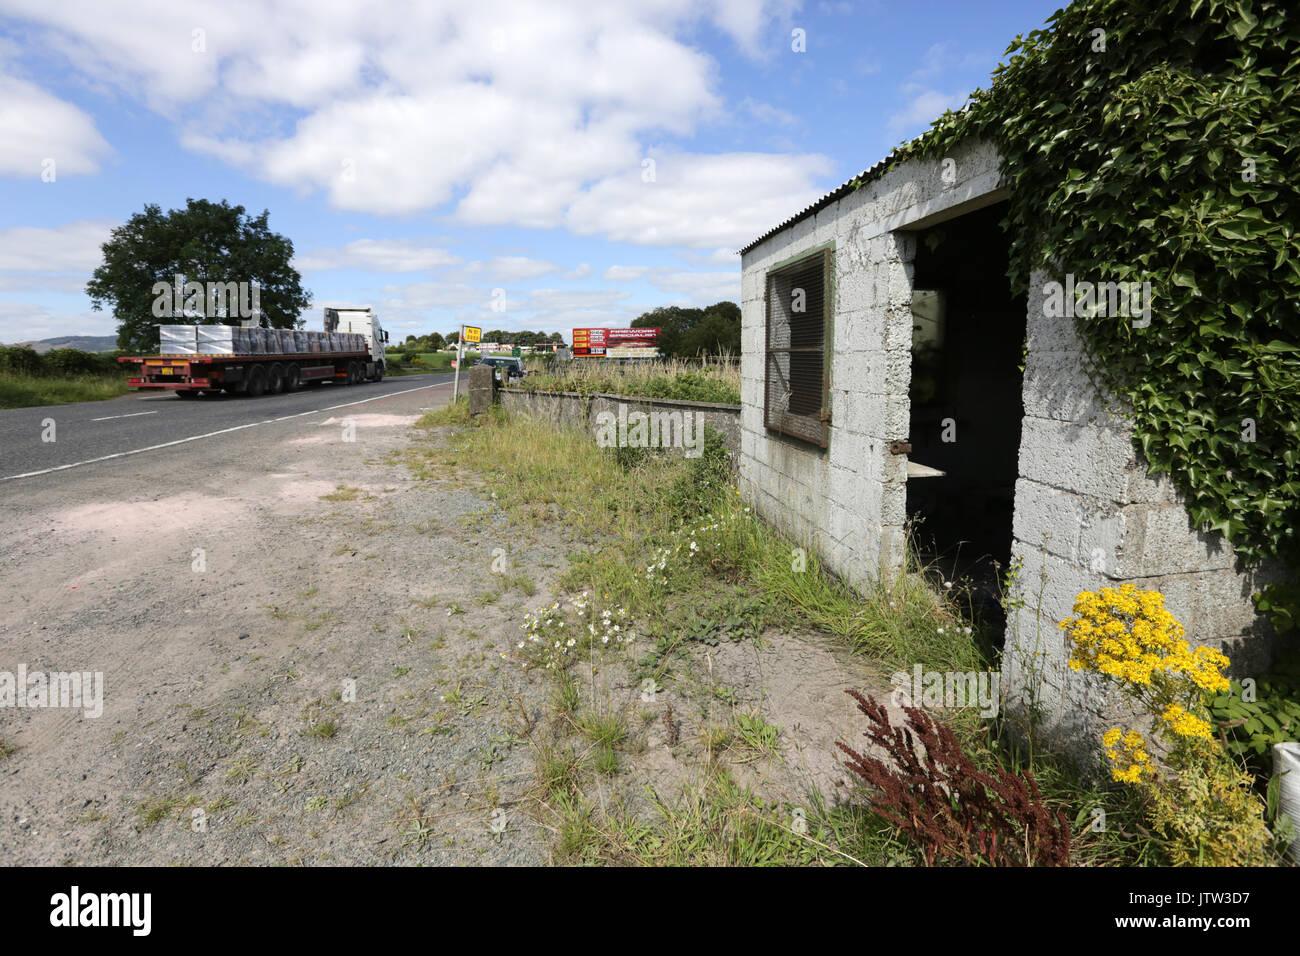 Newry nordirland august eine verlassene grenze hütte